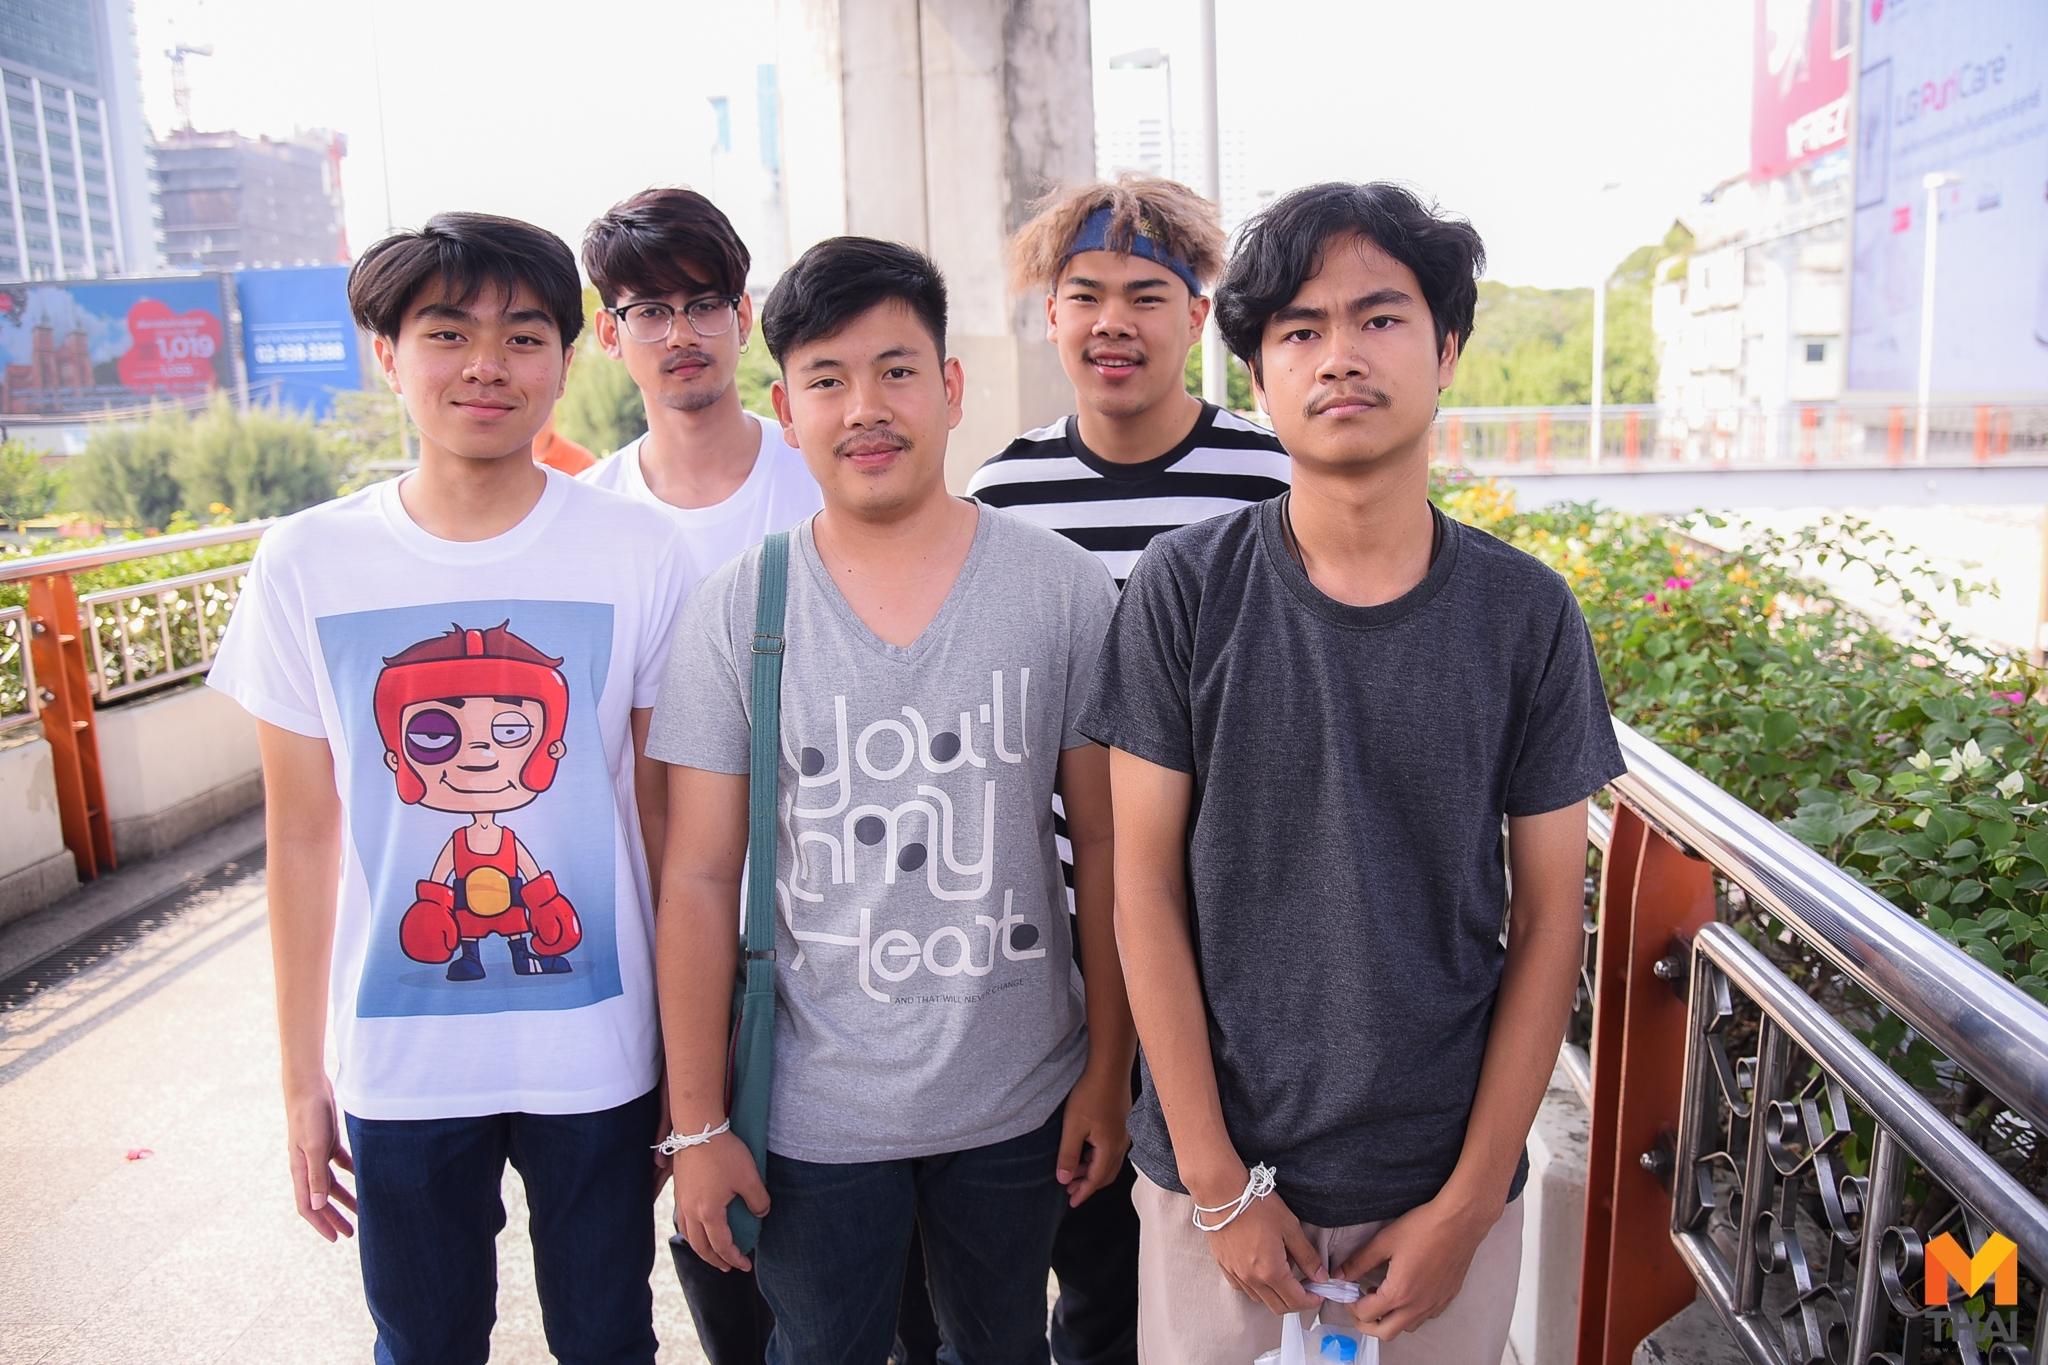 การเมืองไทย คนรุ่นใหม่ เลือกตั้ง เลือกตั้ง 2562